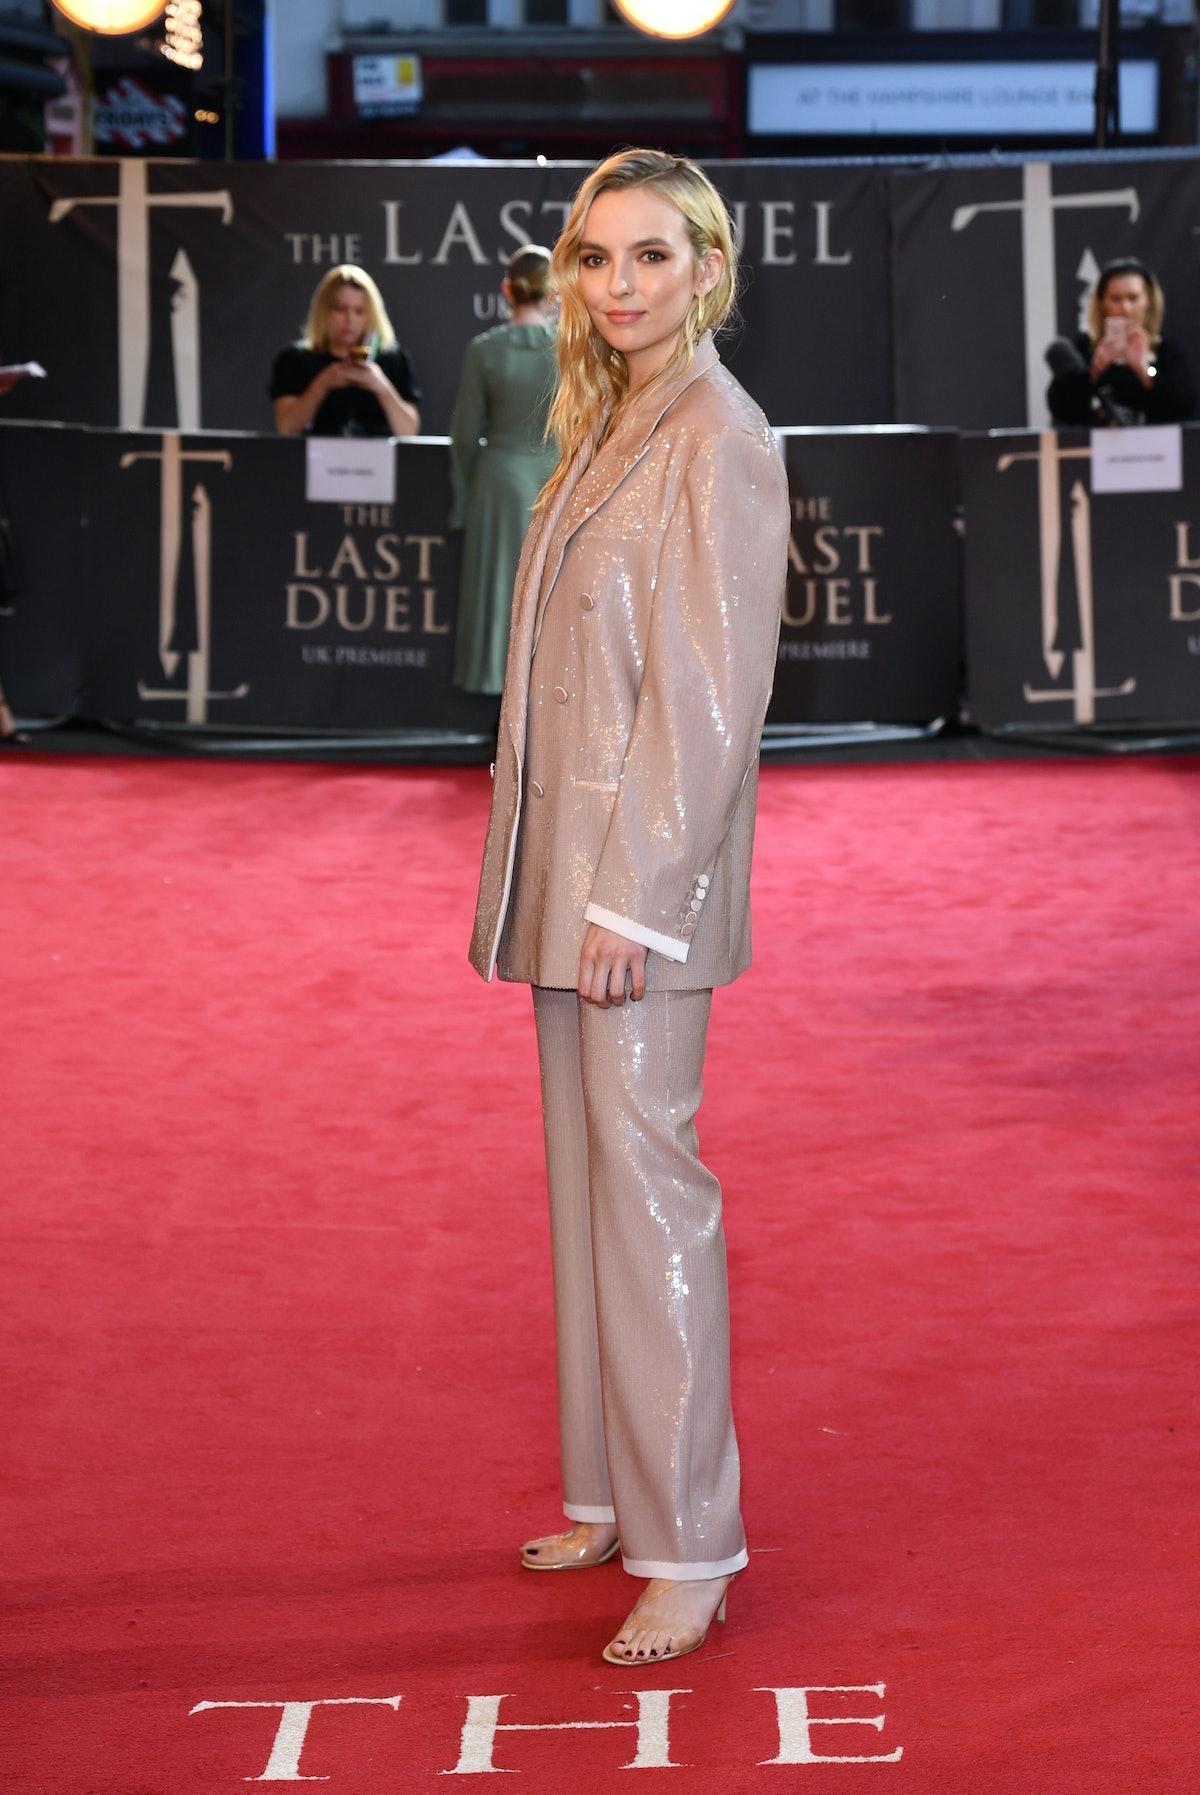 """جودی کامر در اولین نمایش استودیوهای قرن بیستم در انگلستان شرکت کرد """"آخرین دوئل"""" در Odeon Luxe Leice ..."""